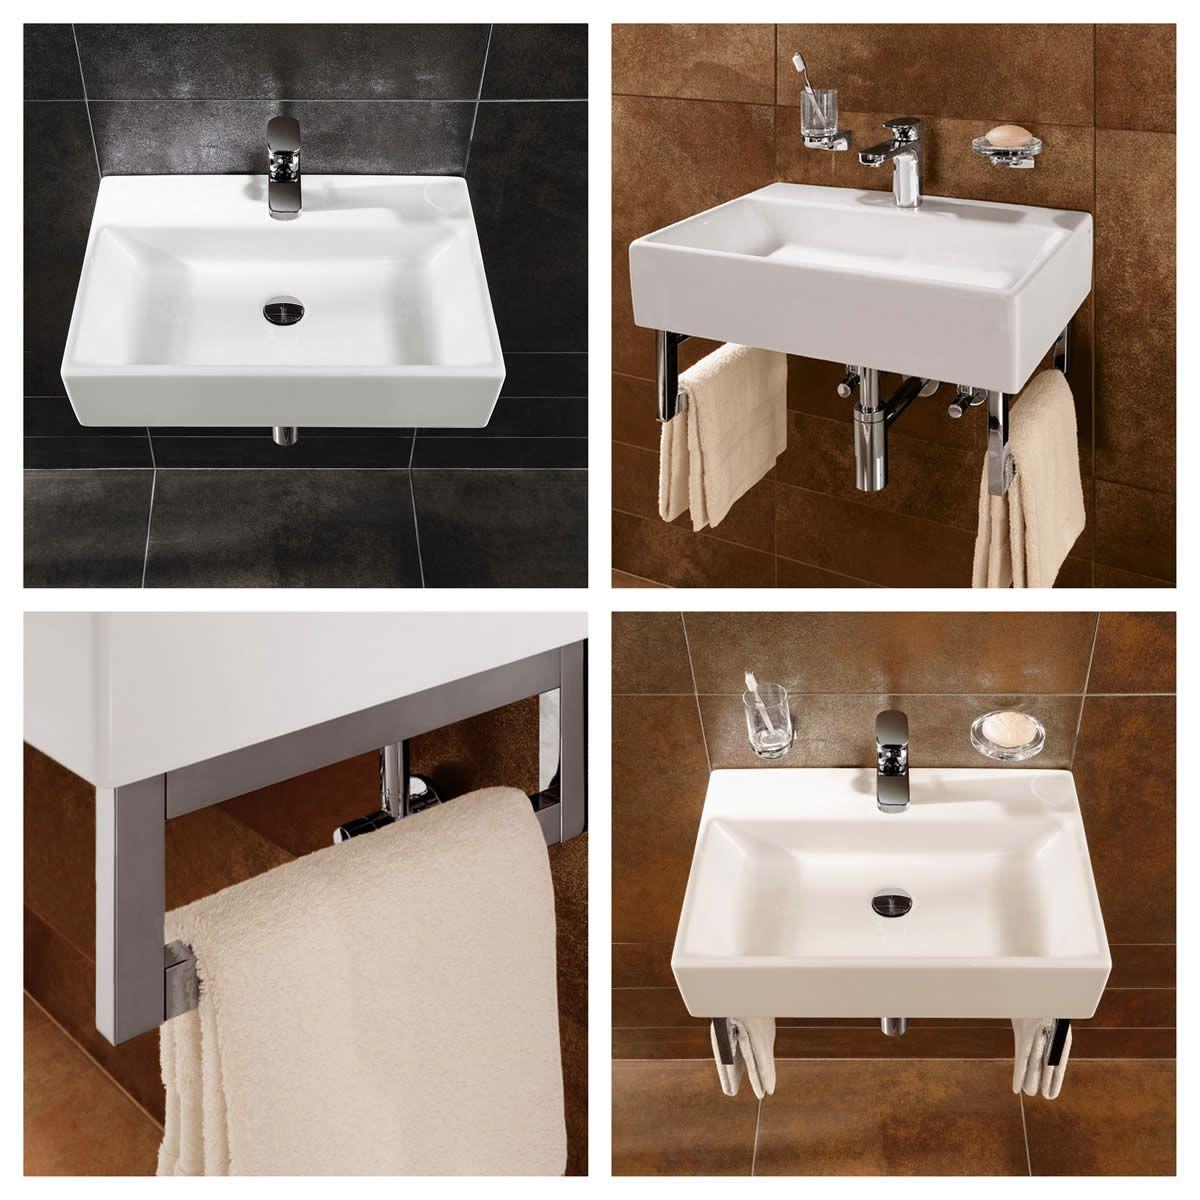 villeroy boch 600mm memento washbasin uk bathrooms. Black Bedroom Furniture Sets. Home Design Ideas